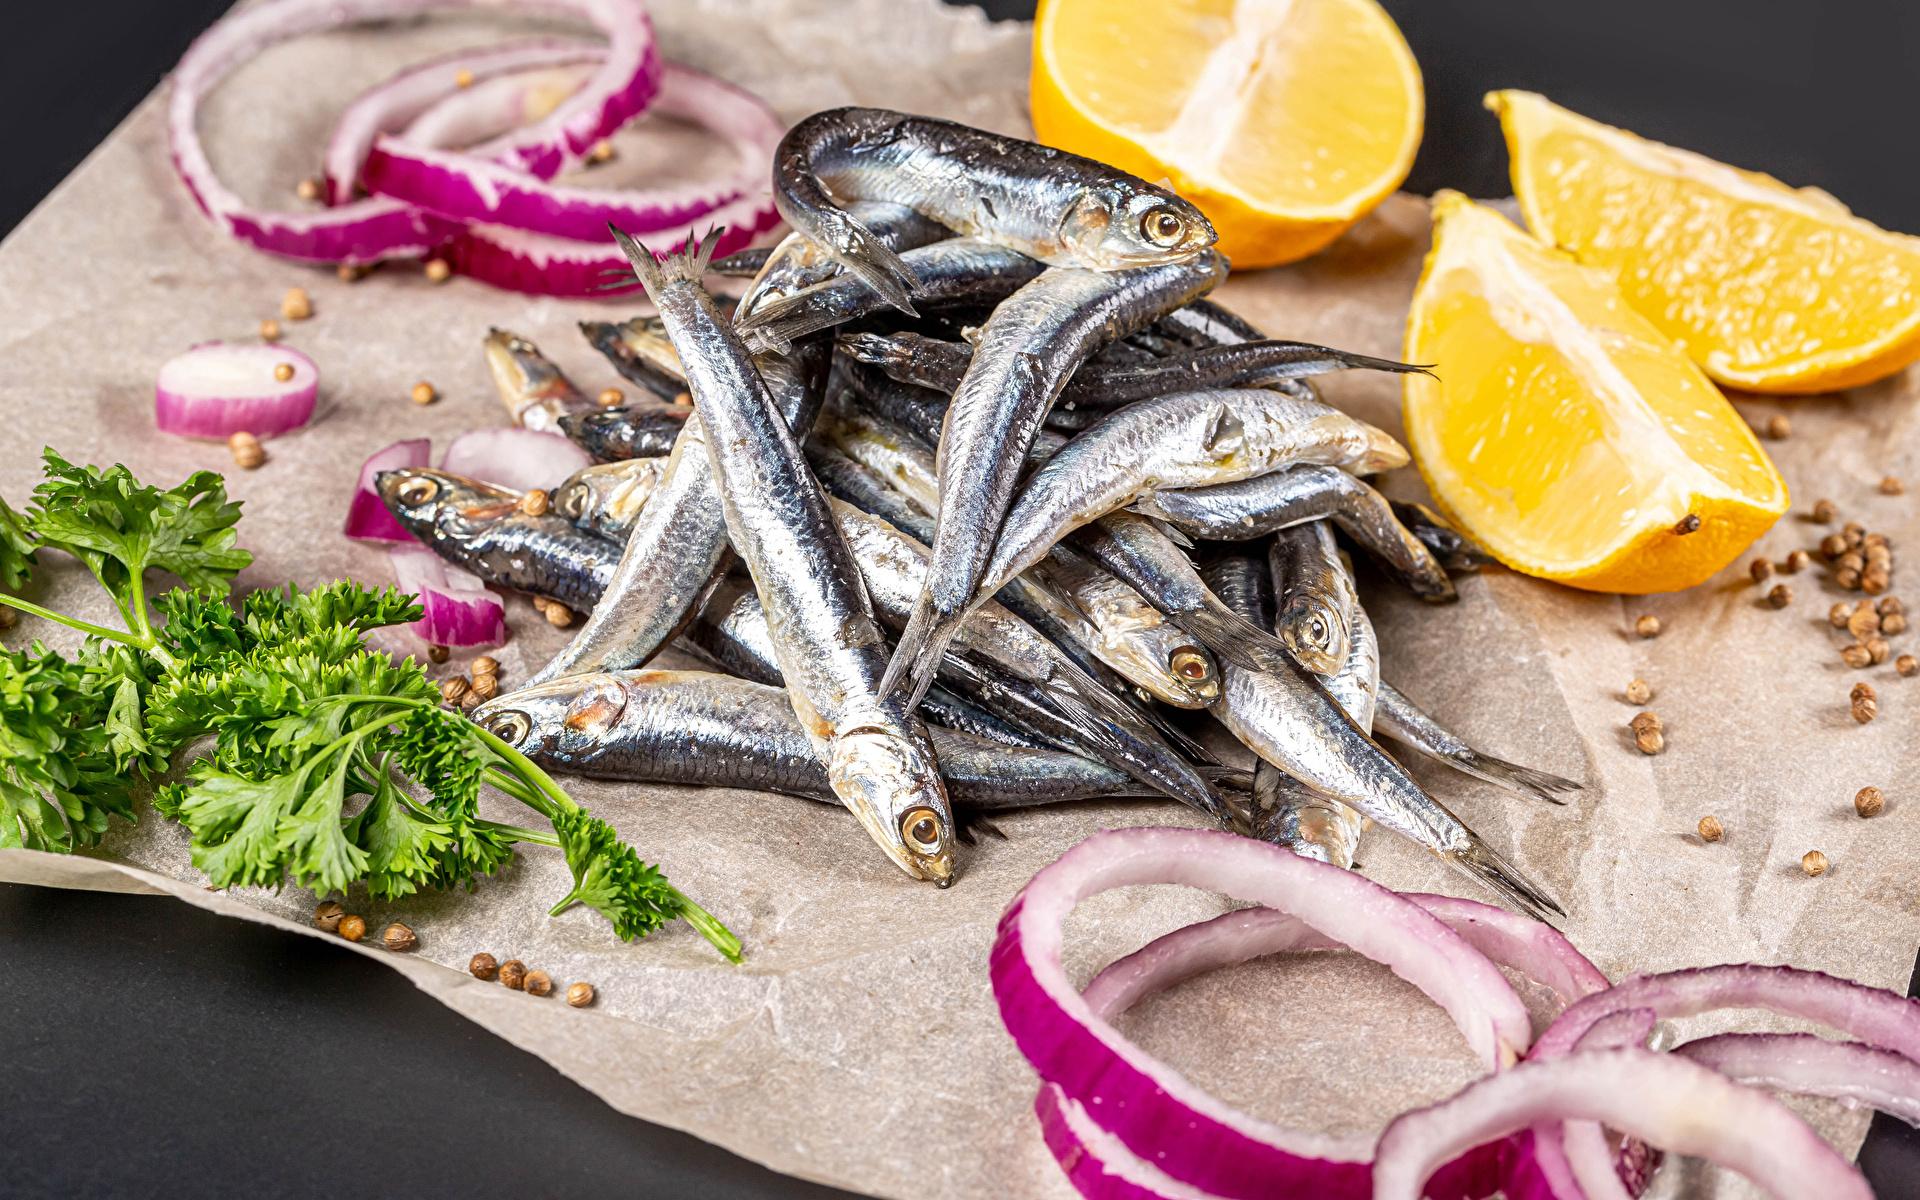 Фотография Апельсин Лук репчатый Рыба Еда 1920x1200 Пища Продукты питания